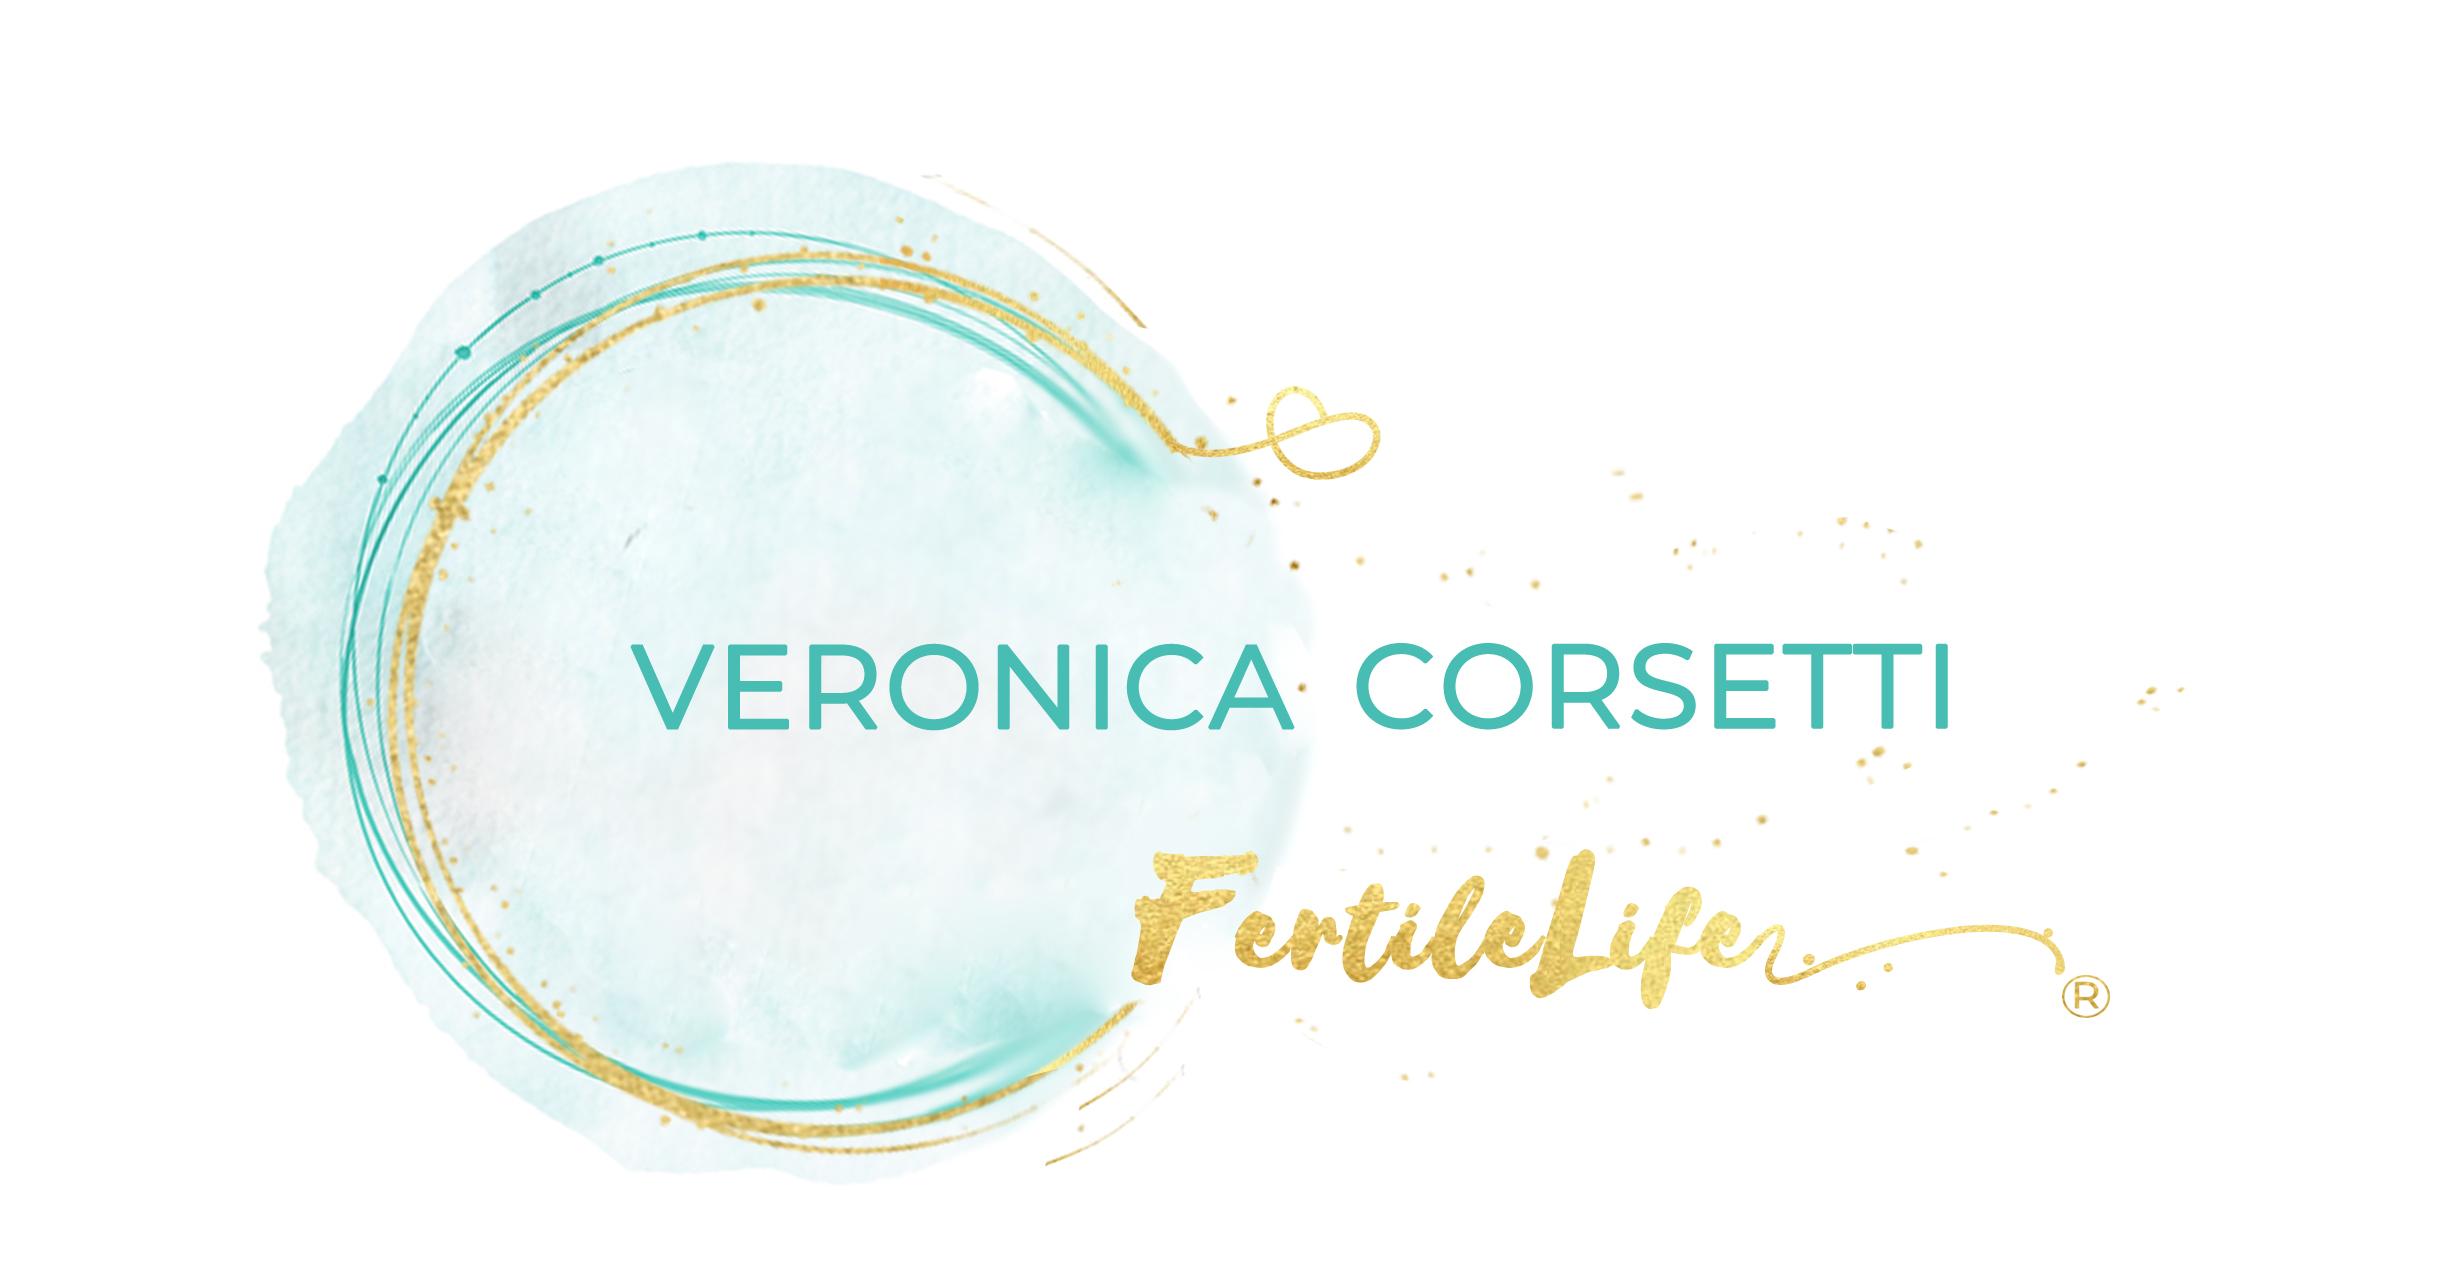 Veronica Corsetti - Nutrizionista